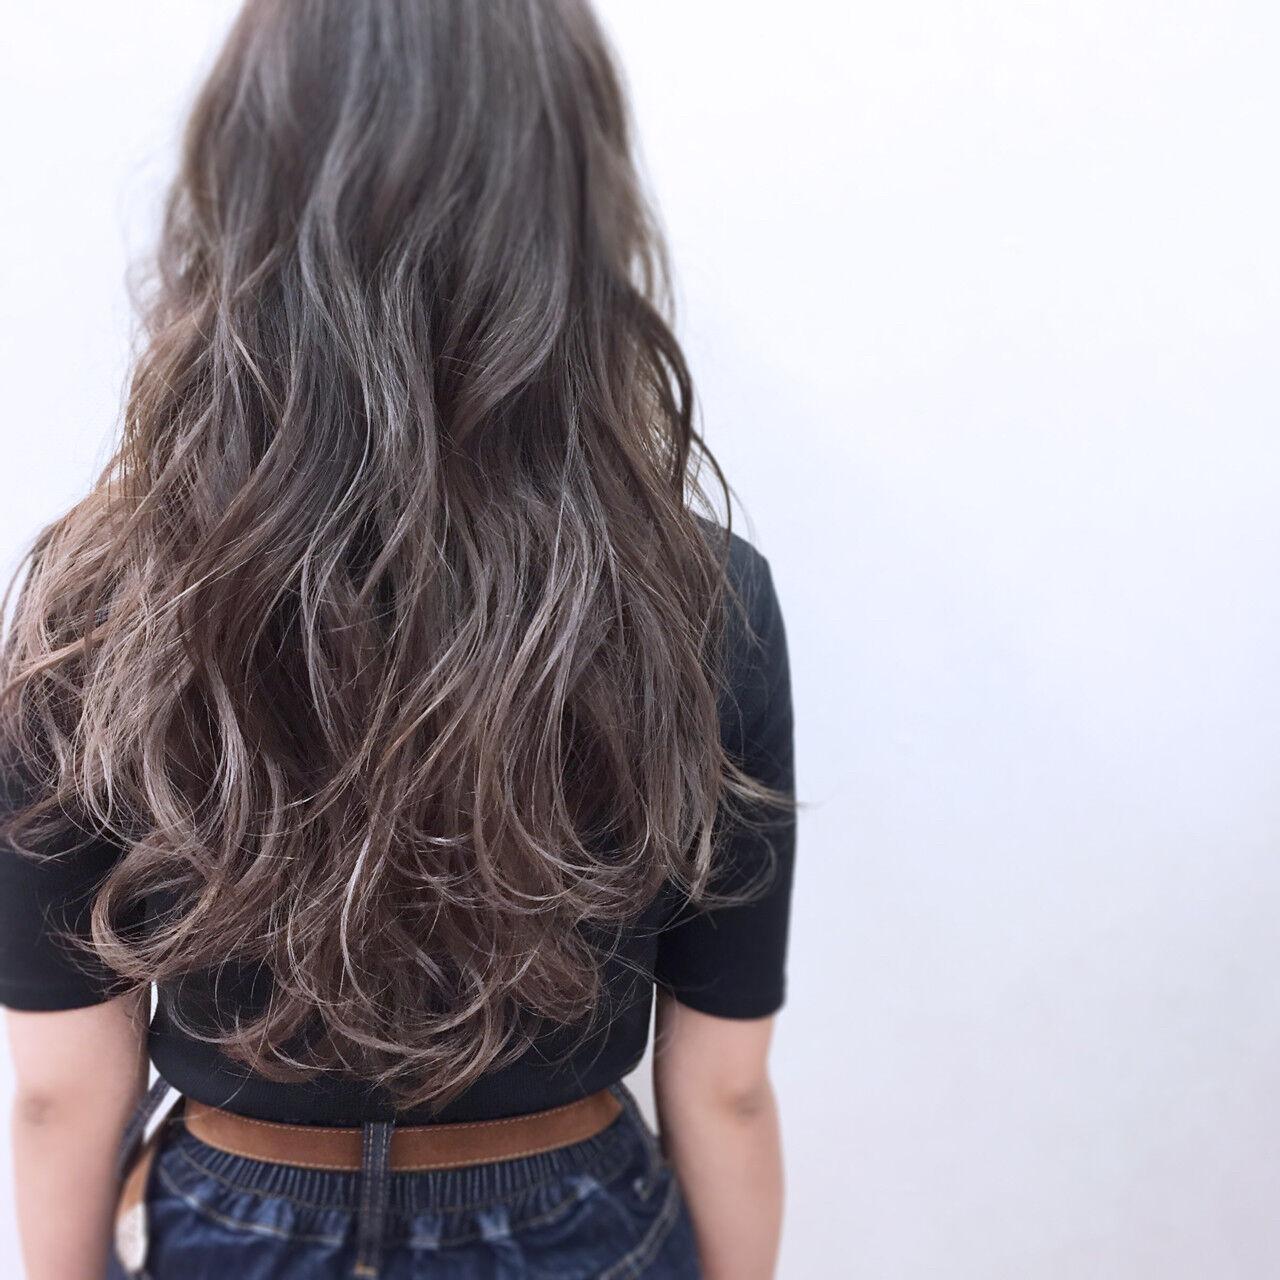 ハイトーン アンニュイ ロング フェミニンヘアスタイルや髪型の写真・画像